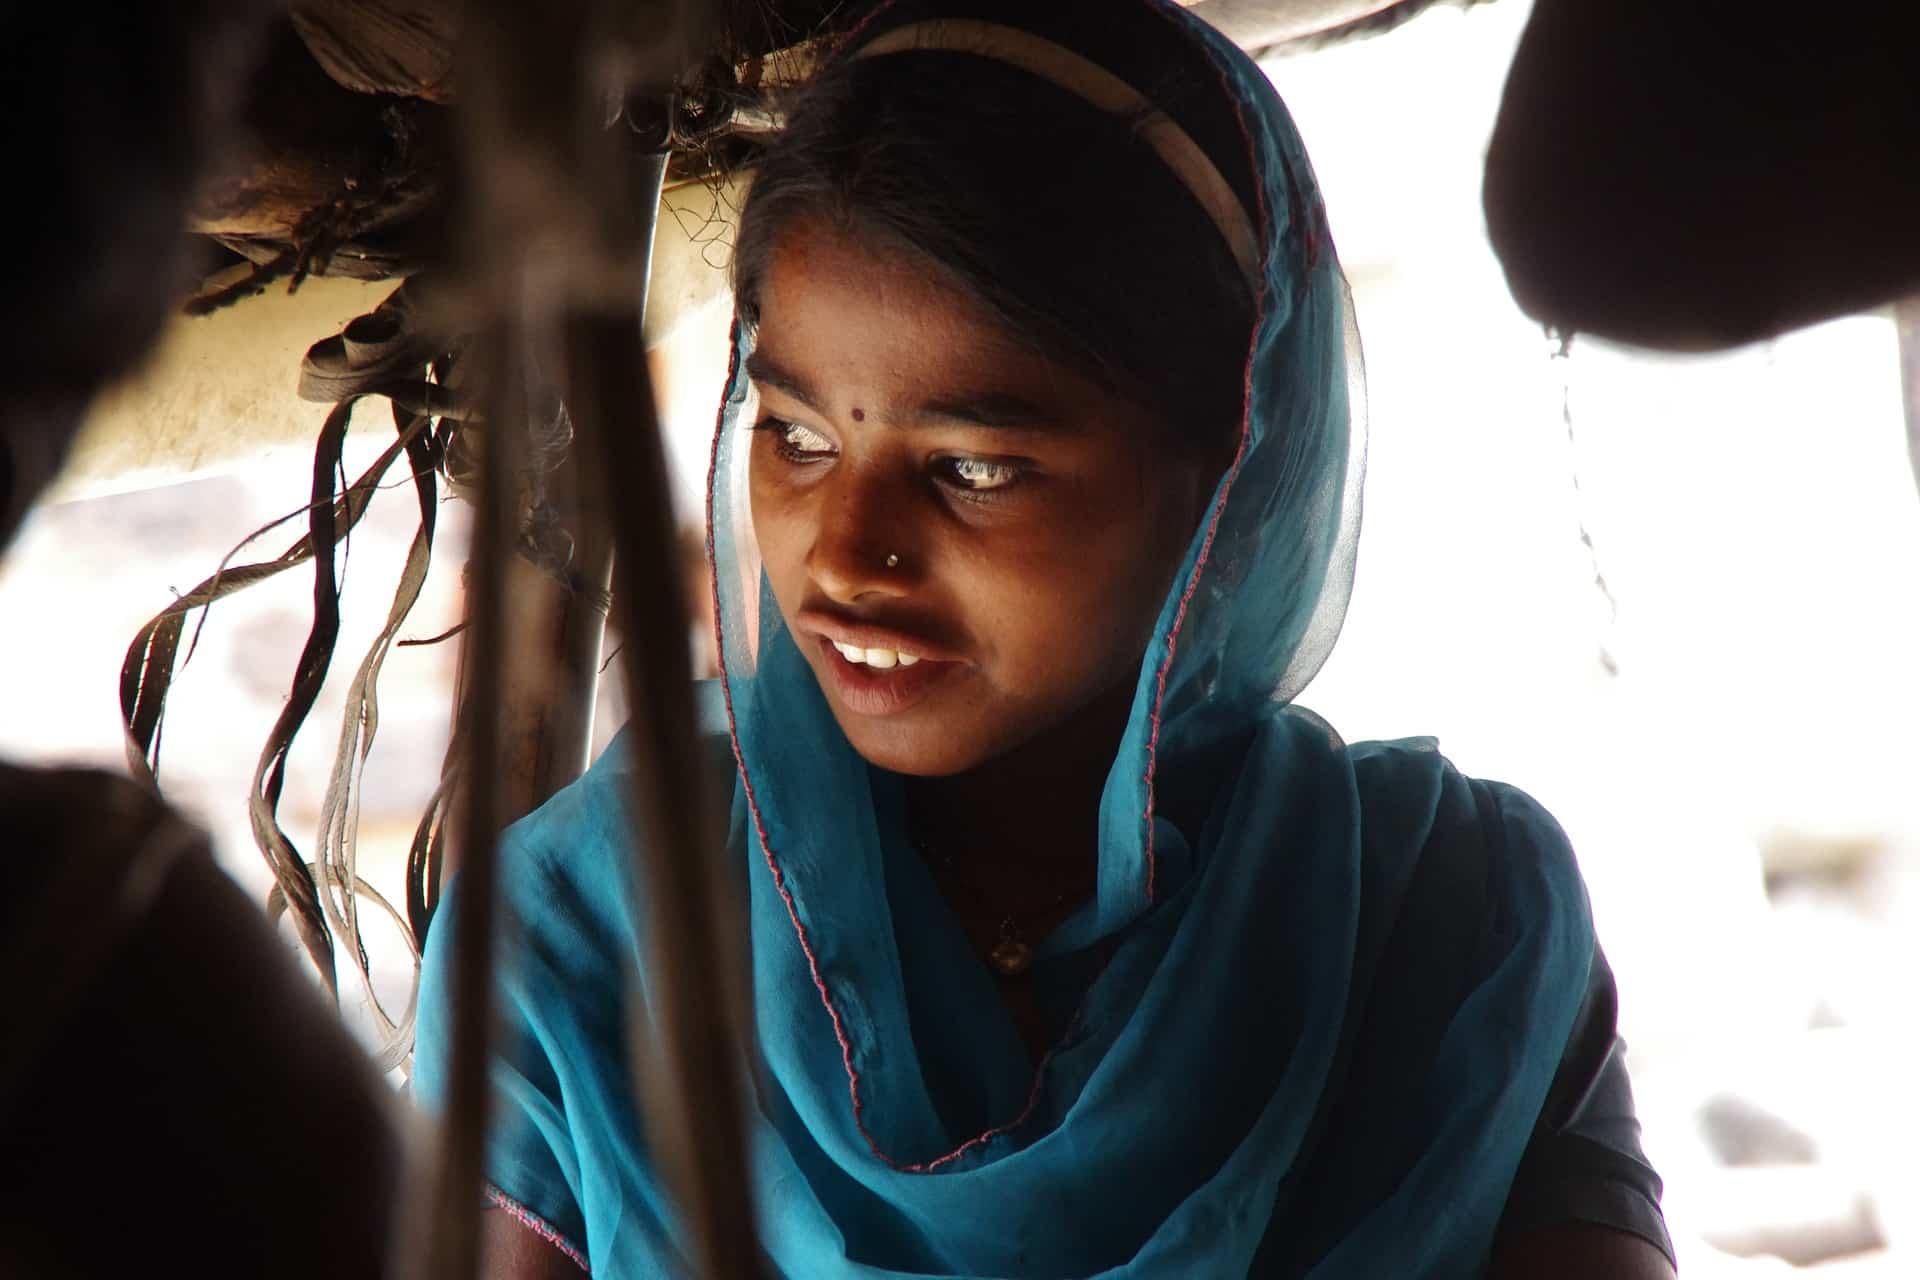 Volontariato Internazionale in India sull'empowerment delle giovani